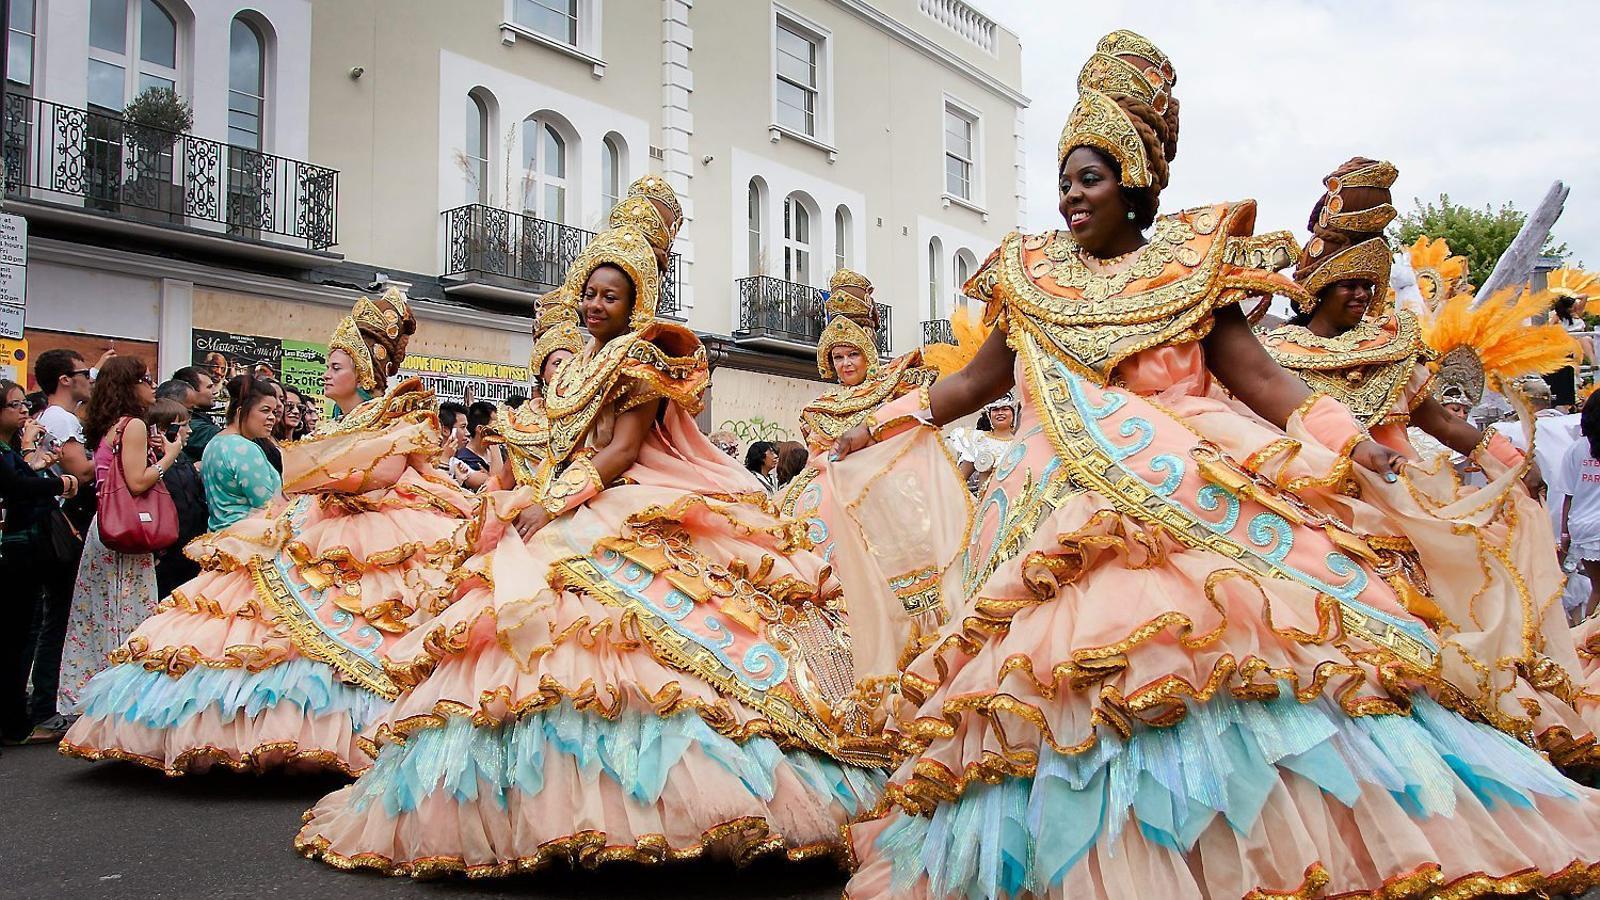 Imatges de diversos anys del Carnaval de Notting Hill (Londres), que se celebra des del 1966. Actualment acull dos milions de persones i s'hi exhibeixen més de 15.000 vestits i disfresses.